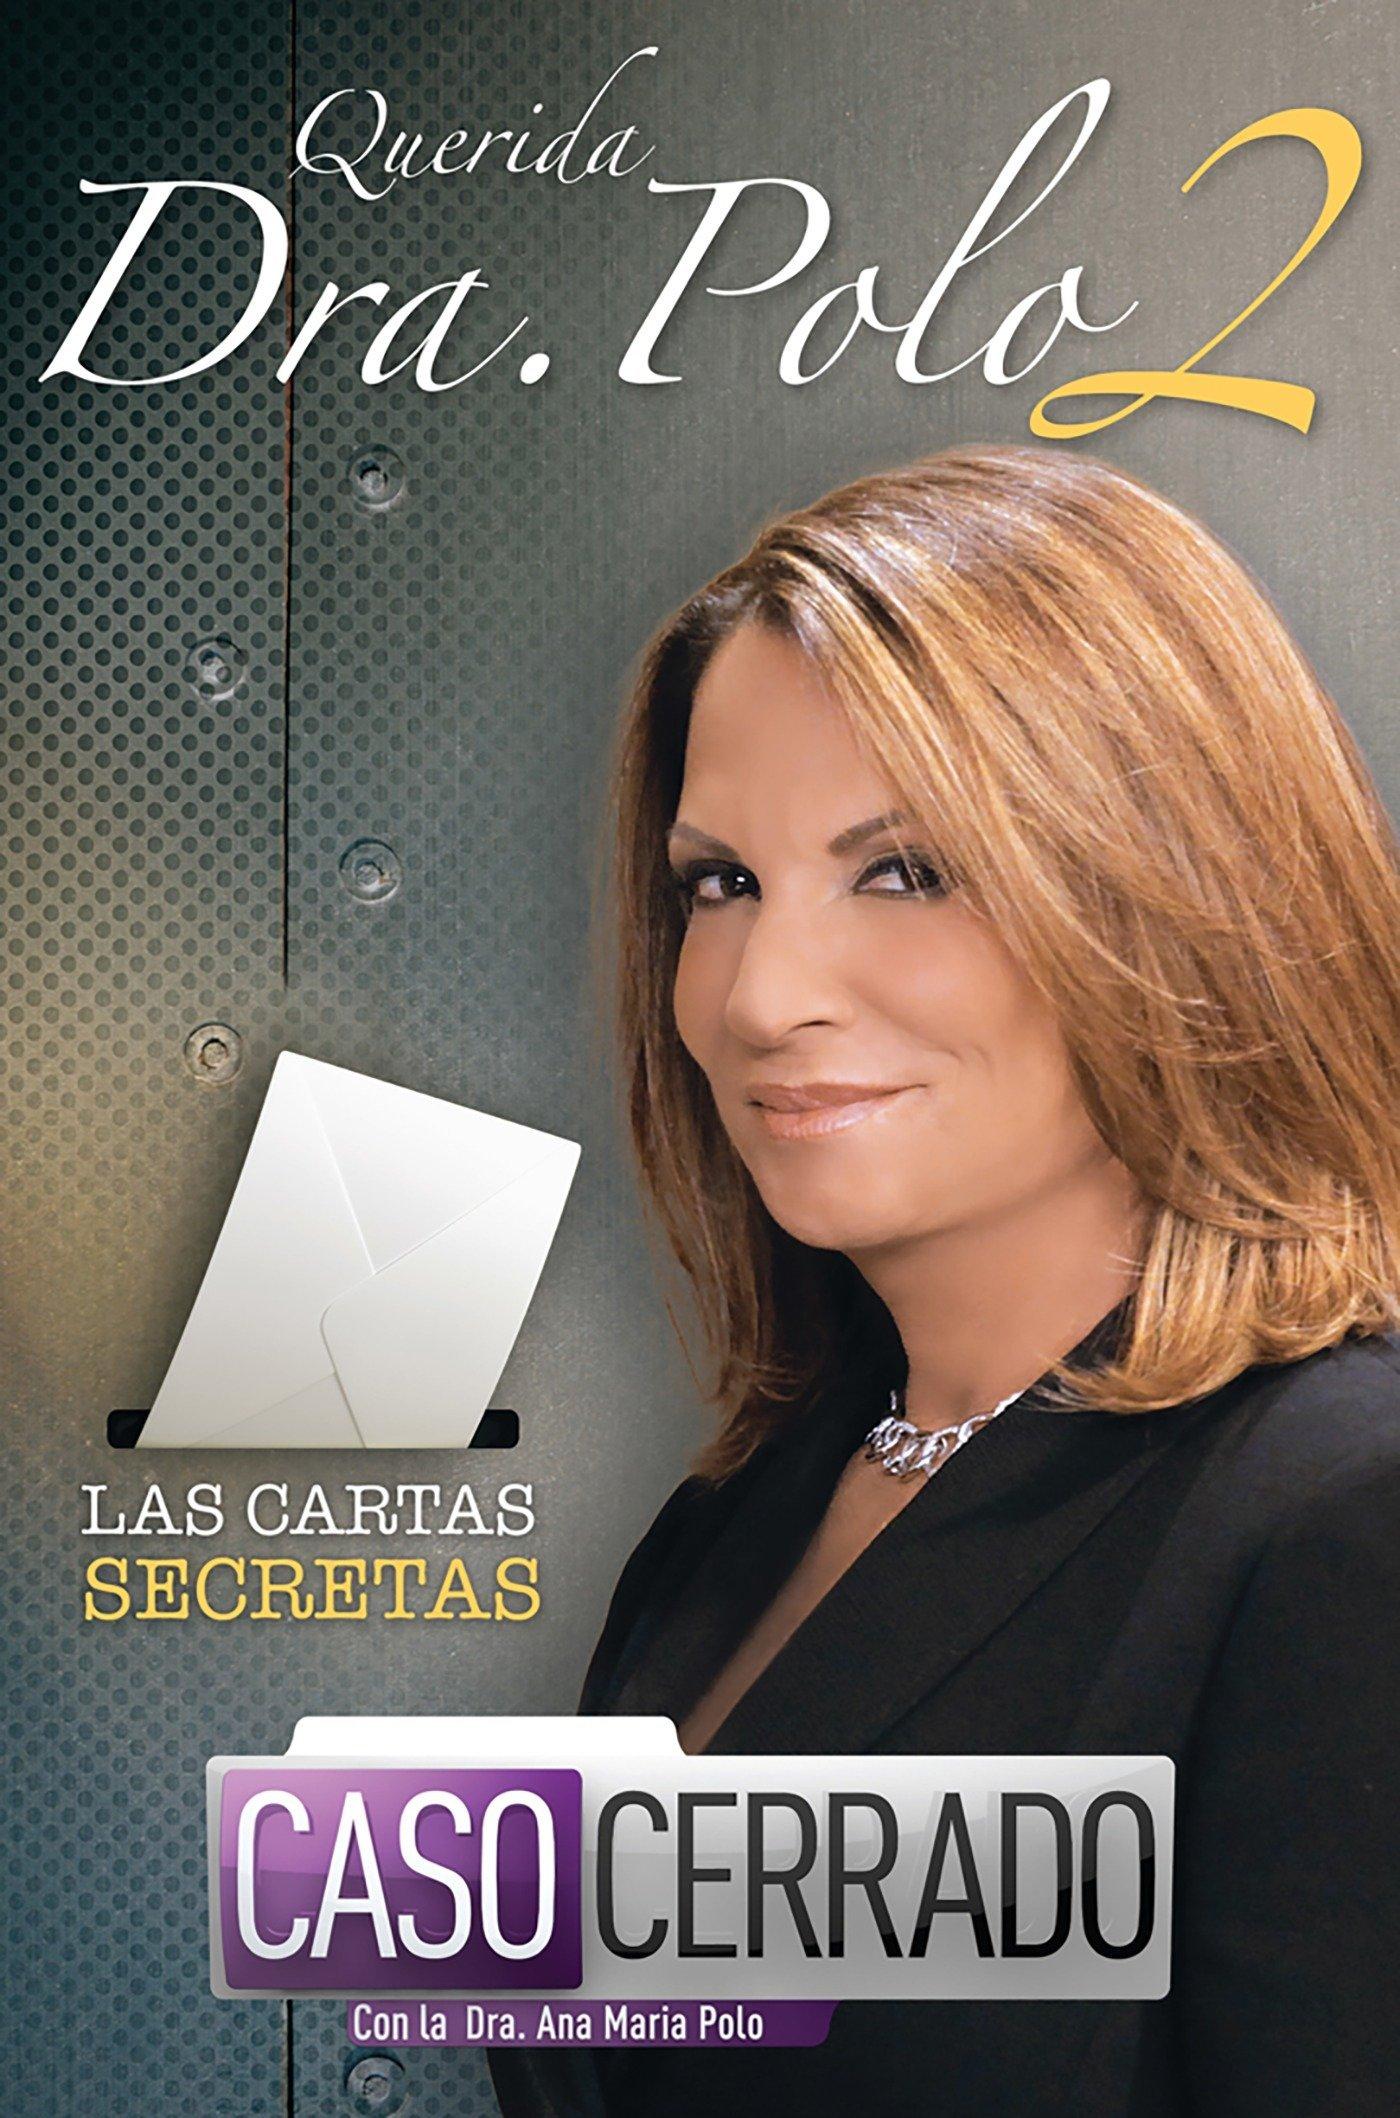 Querida Dra. Polo 2: Las Cartas Secretas de Caso Cerrado Tapa blanda – 30 dic 2013 Ana Maria Polo AGUILAR 1614359547 Conduct of life.